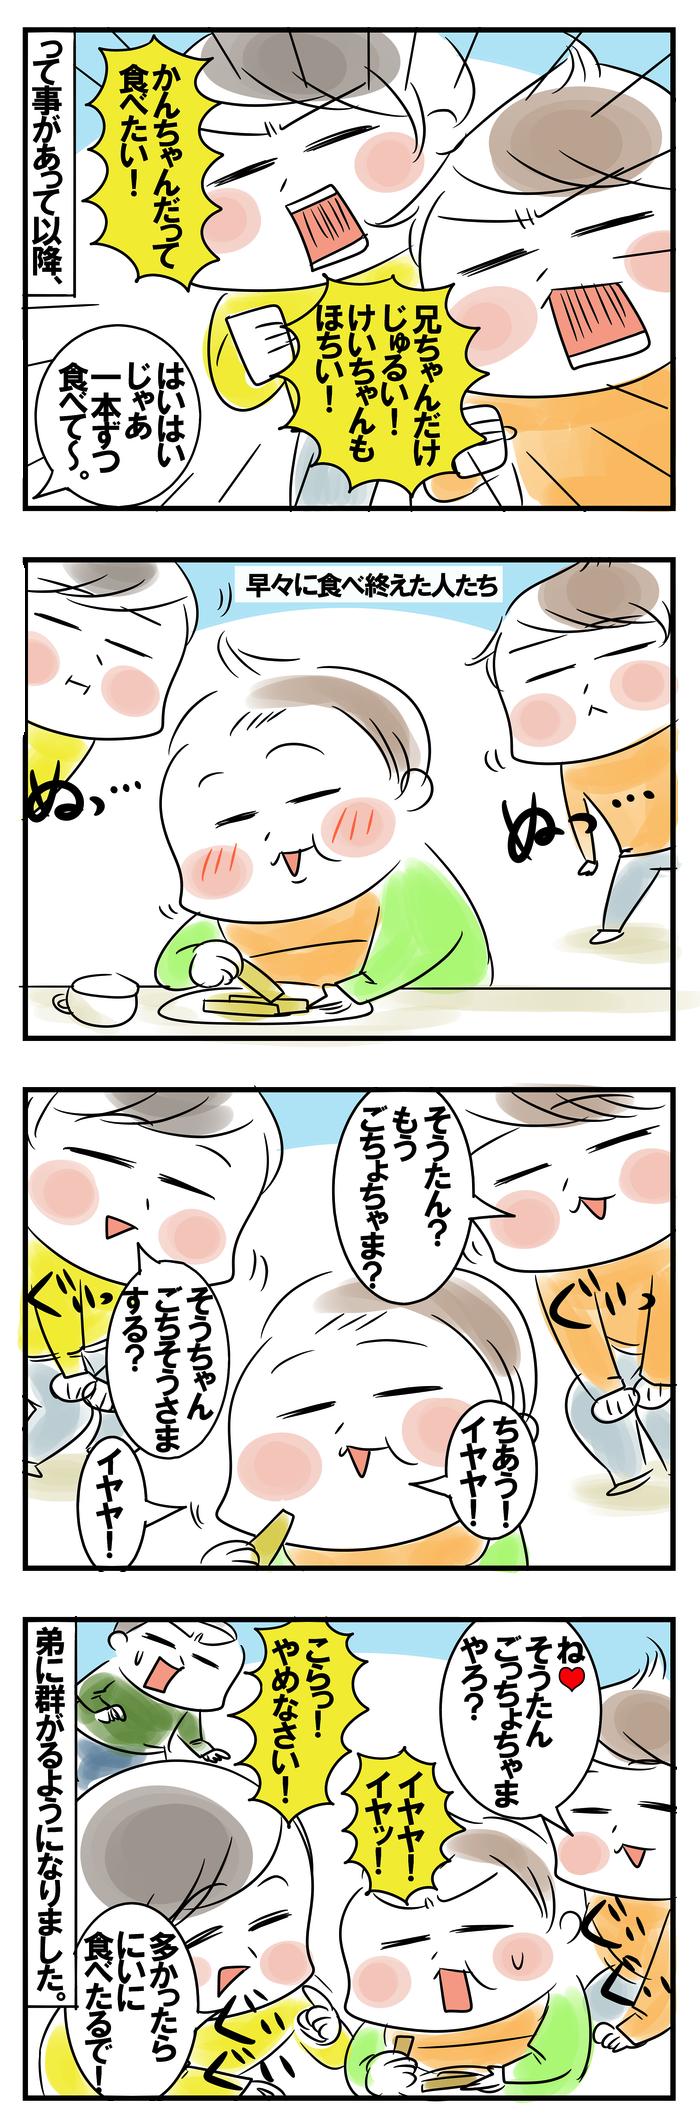 なんでなん(笑)腹ぺこ兄弟が、いつも食べ物を欲する謎。の画像2